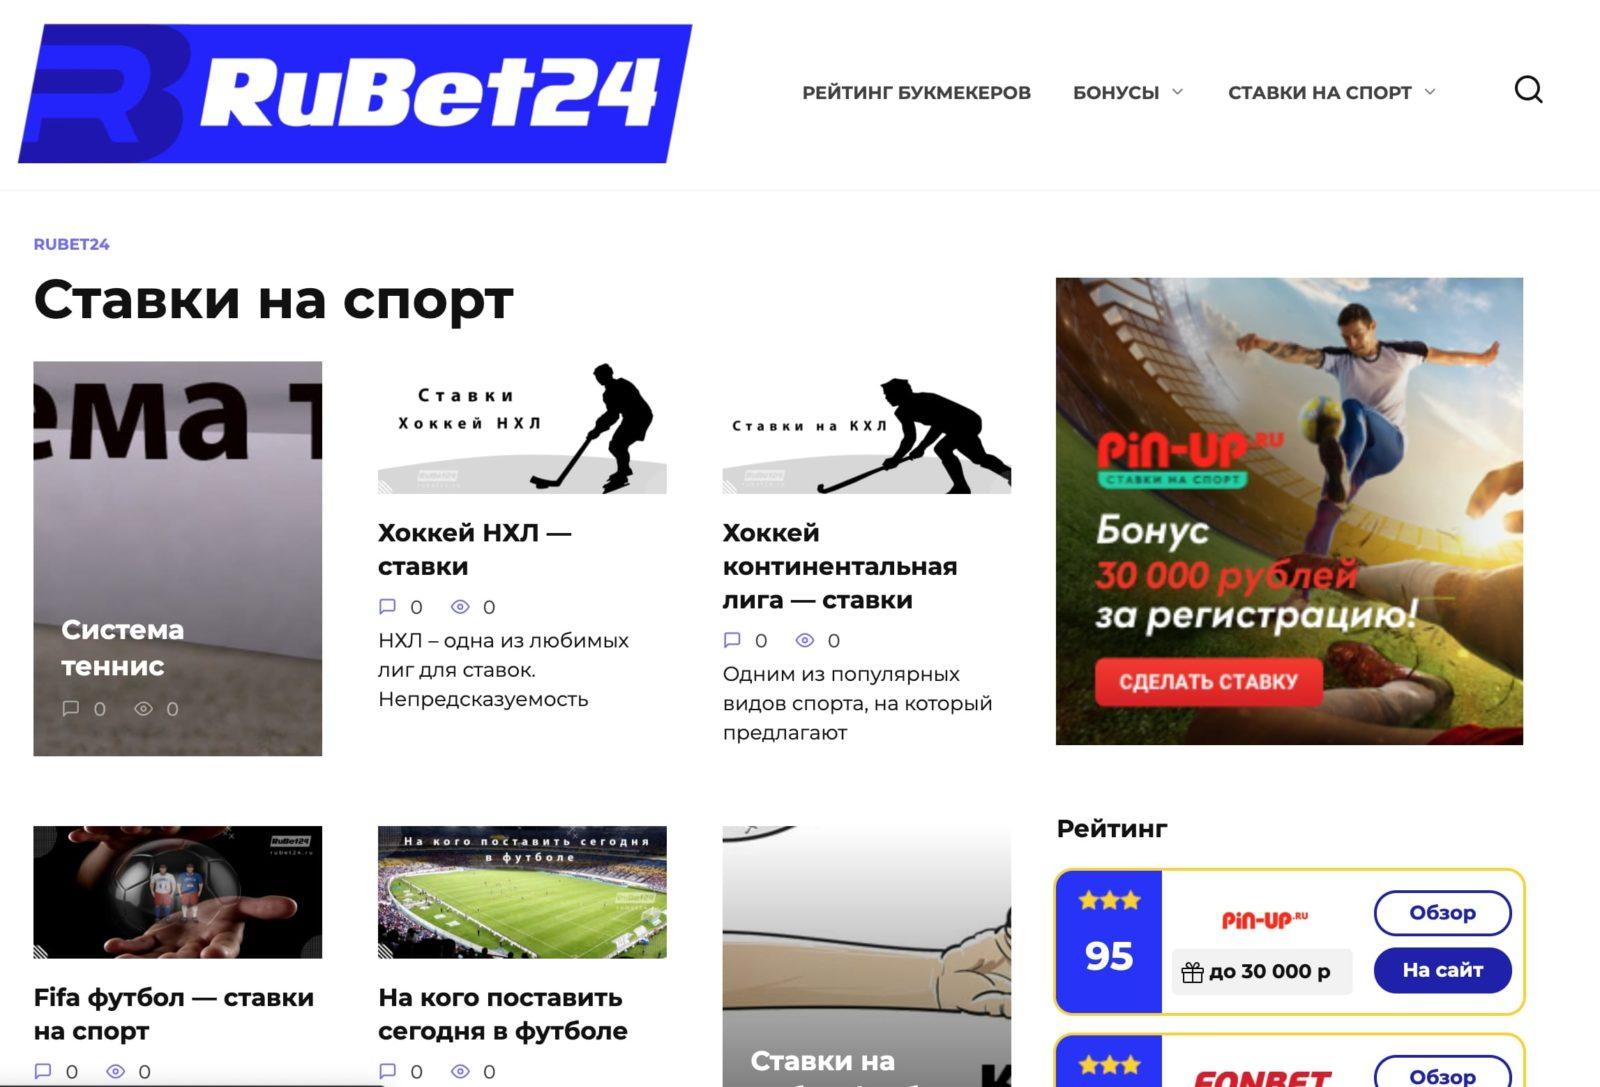 Прогнозы на спорт от Wowbet.ru